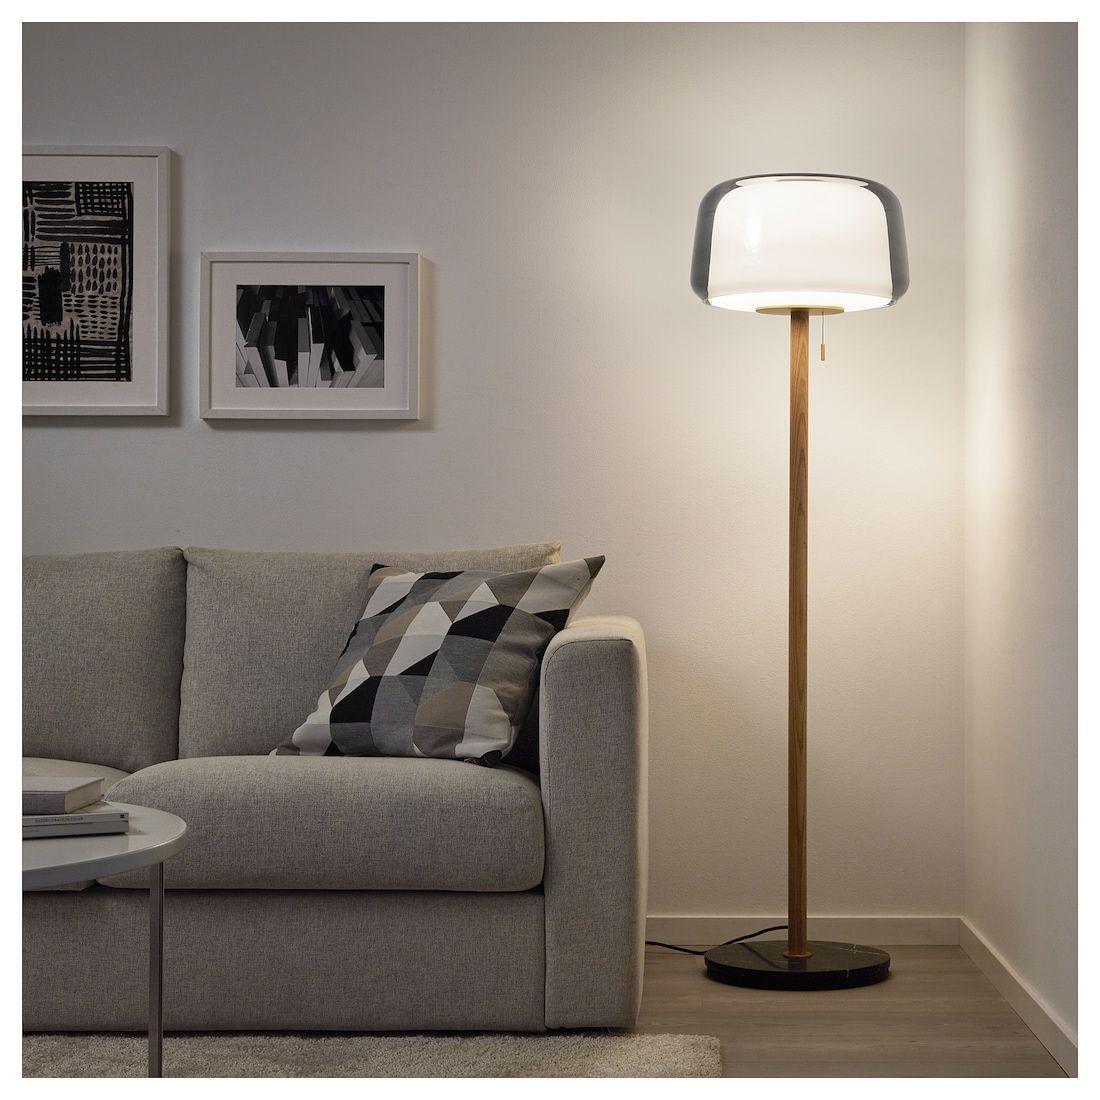 Full Size of Ikea Stehlampe Evedal Standleuchte Grau Marmor Stehlampen Wohnzimmer Sofa Mit Schlaffunktion Modulküche Betten Bei Küche Kosten Miniküche Schlafzimmer Wohnzimmer Ikea Stehlampe